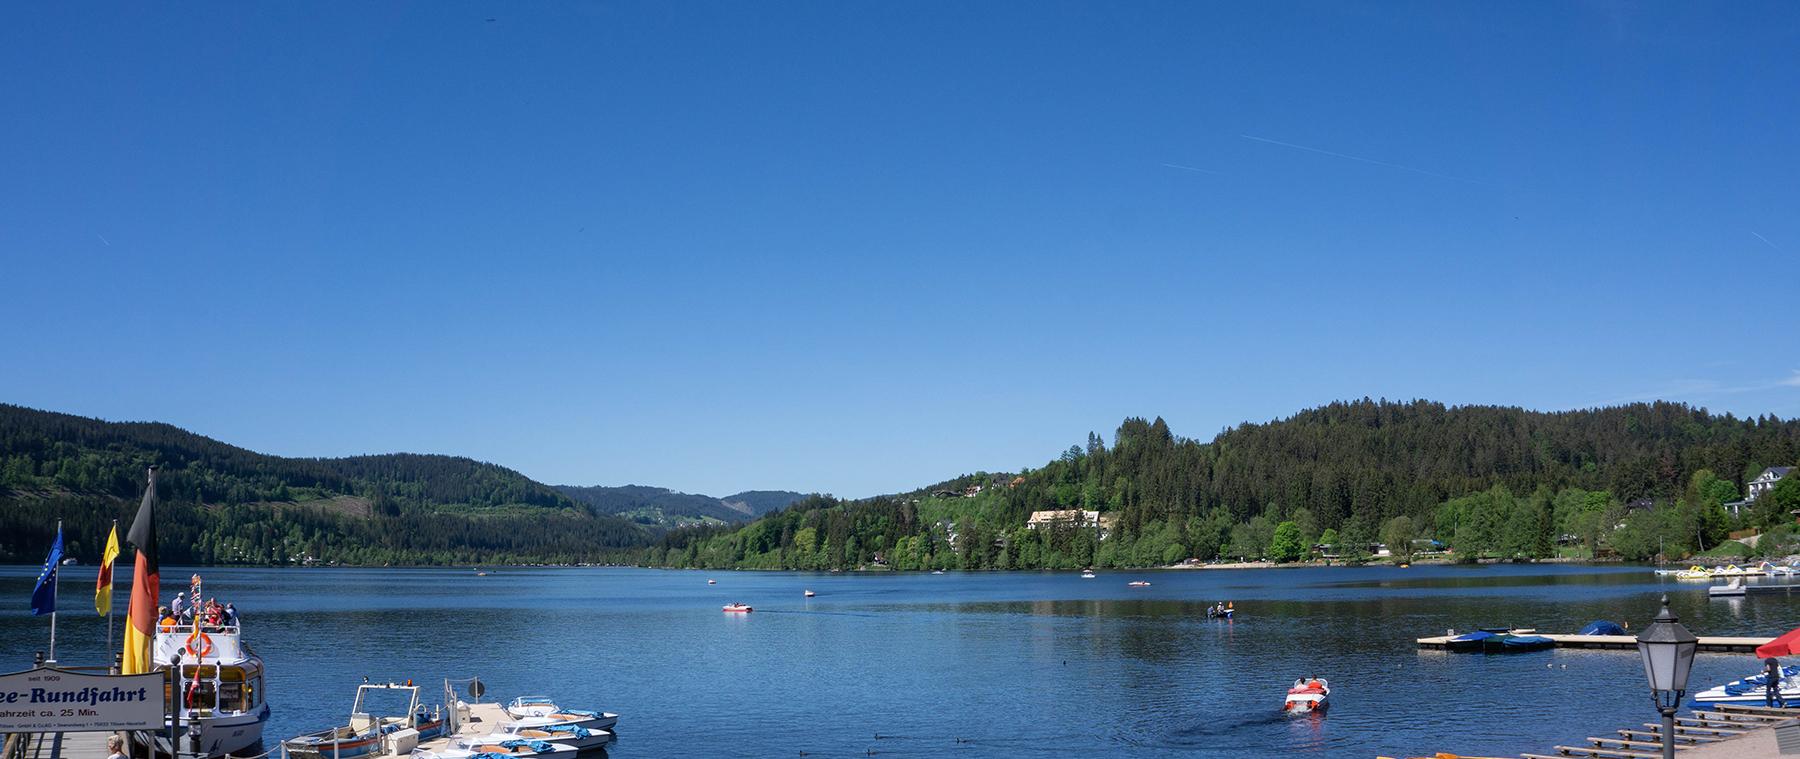 Reisetraum Schwarzwald - Blick auf den Titisee im Hochschwarzwald